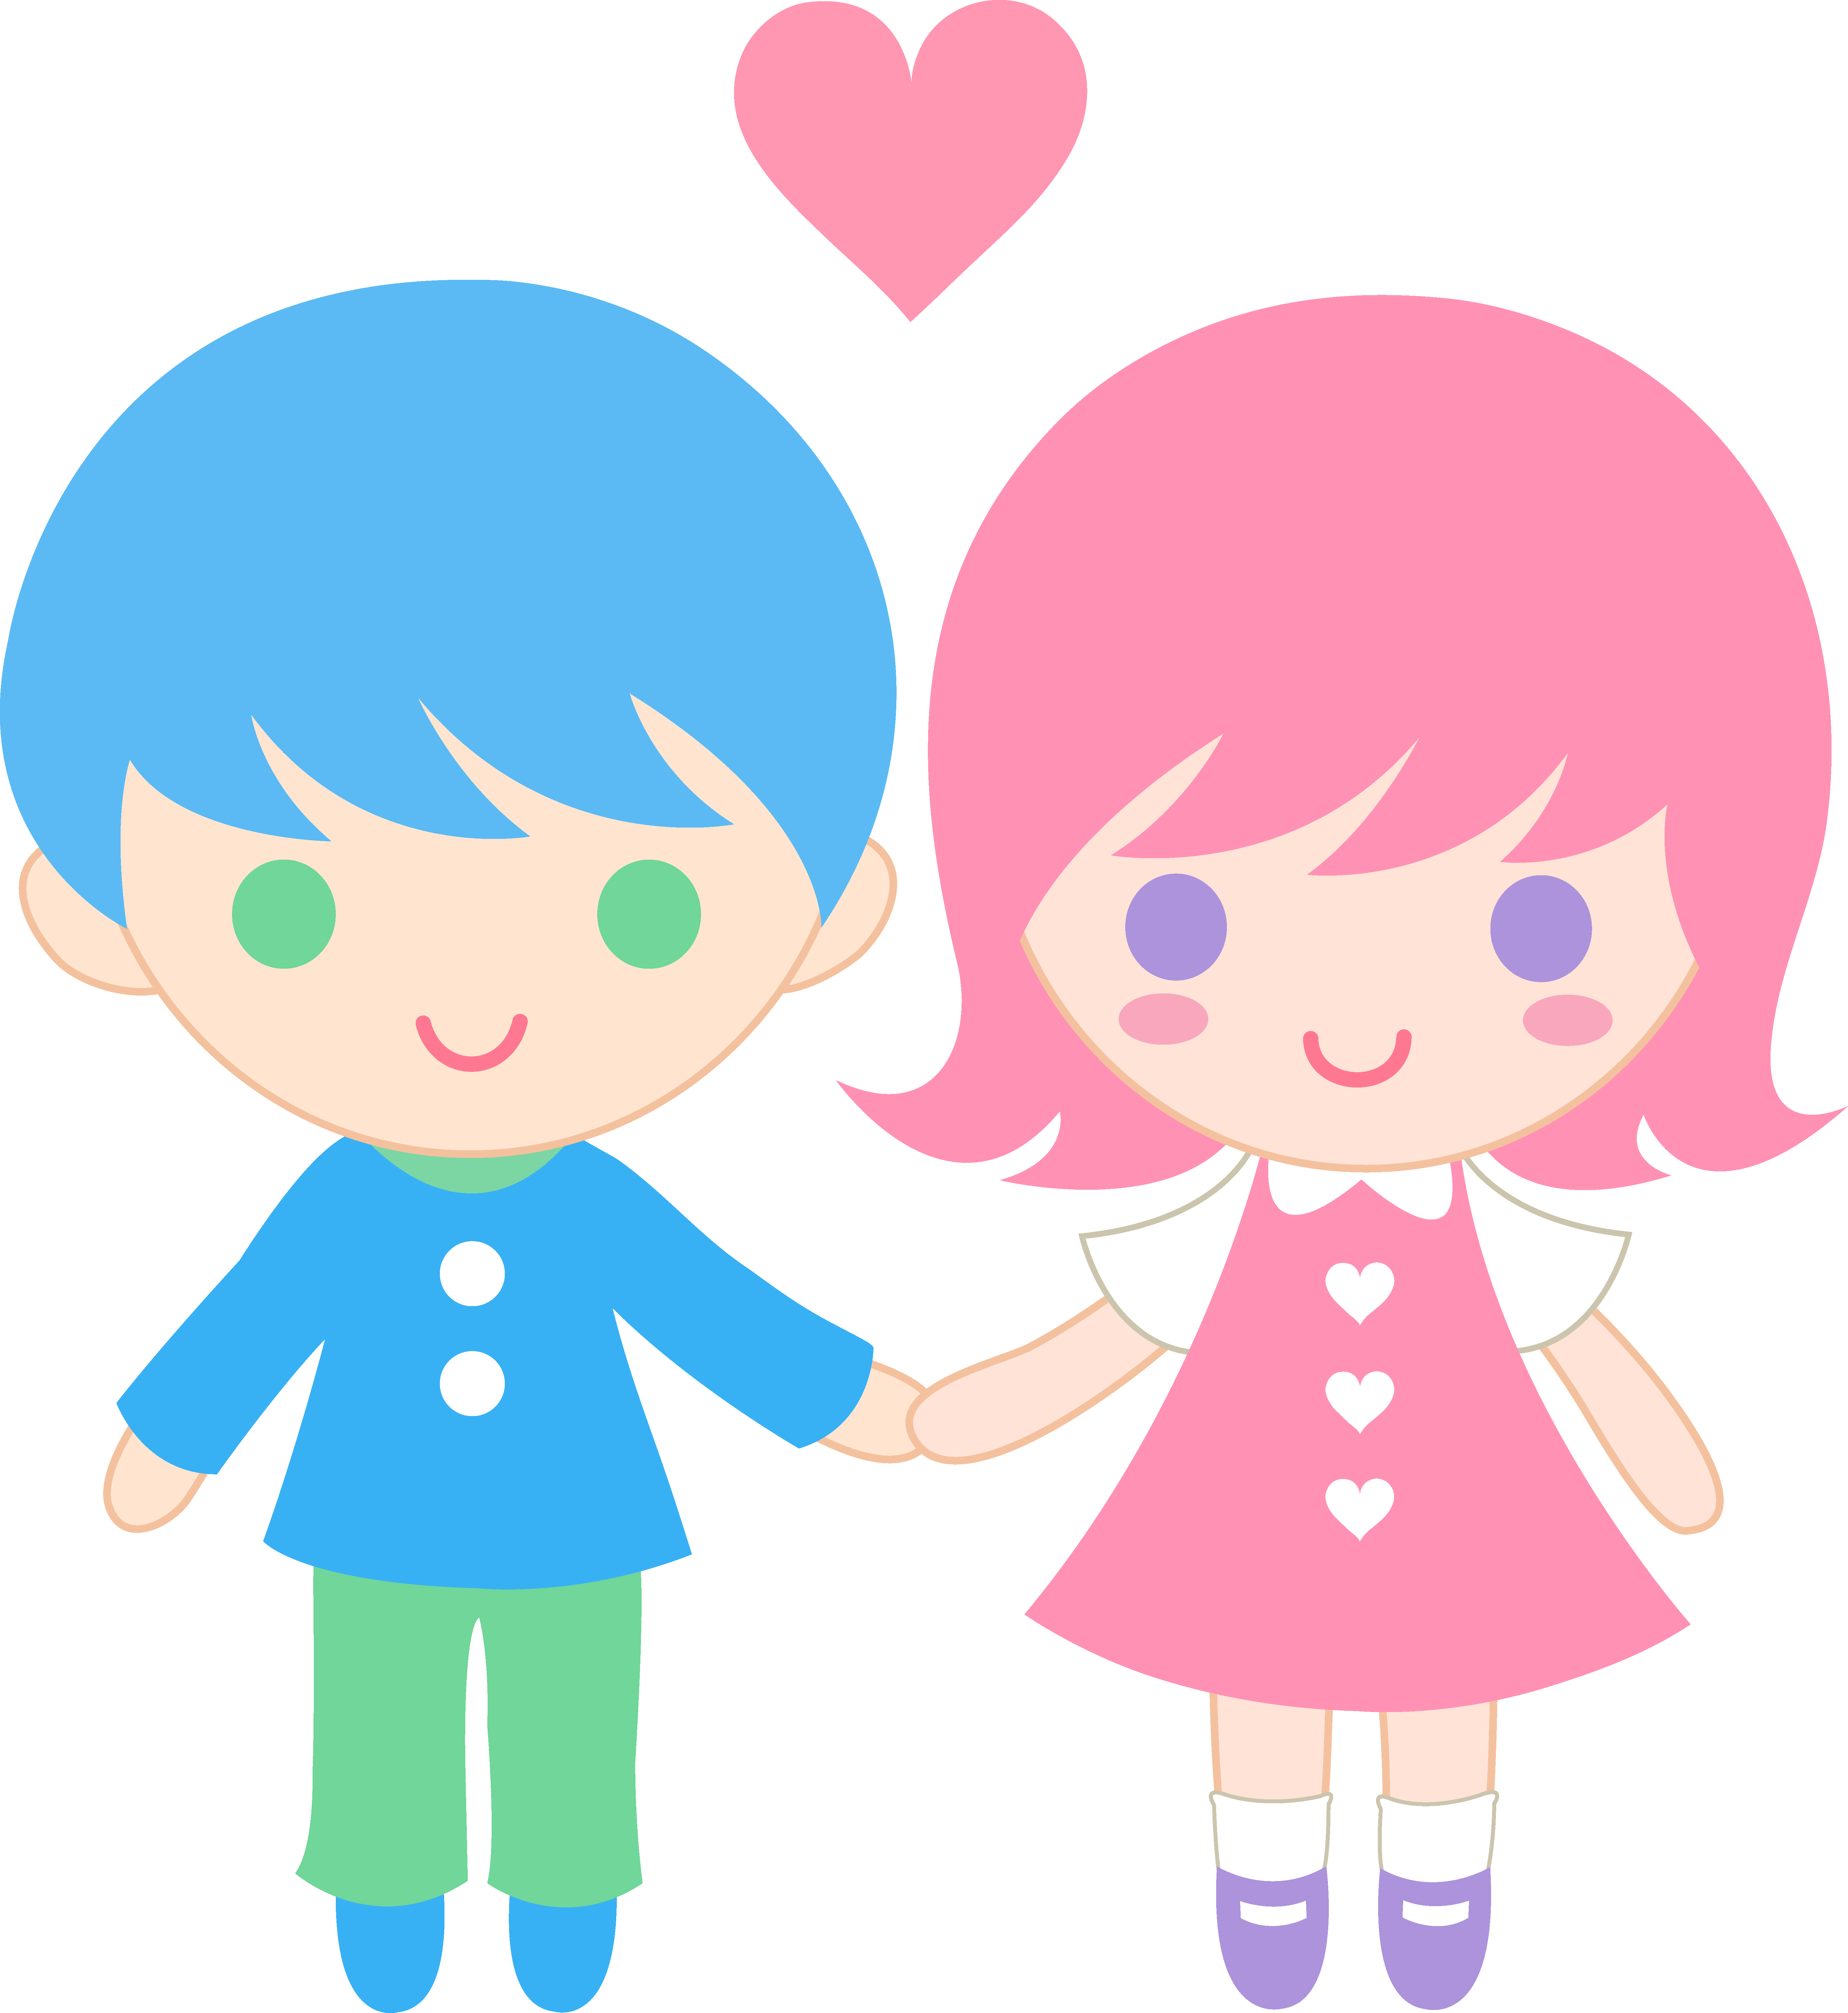 6037x6575 Cute Clip Art Of A Little Boy And Little Girl Holding Hands